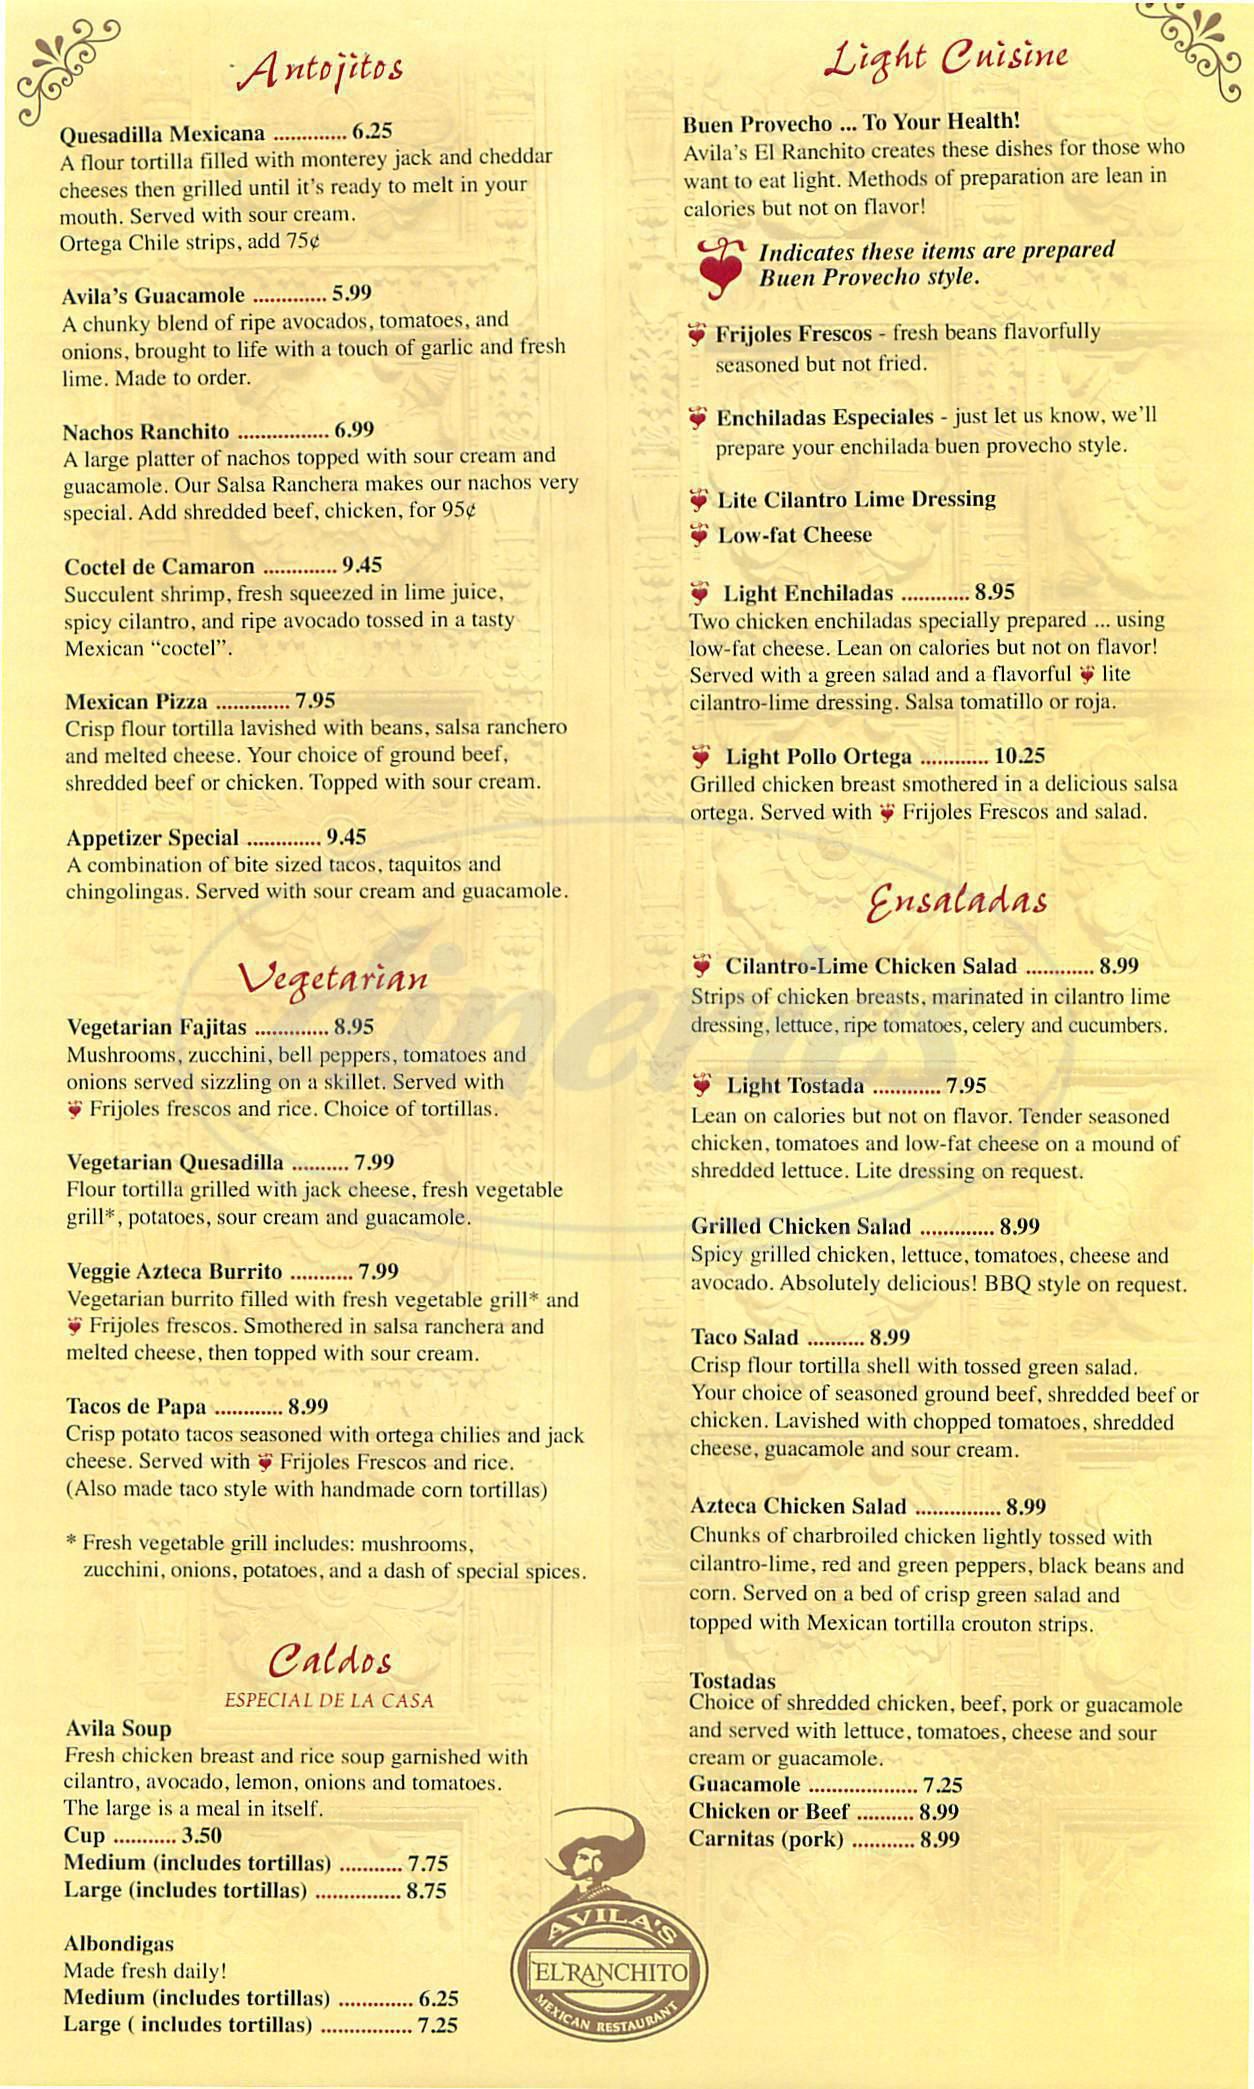 menu for Avilas El Ranchito